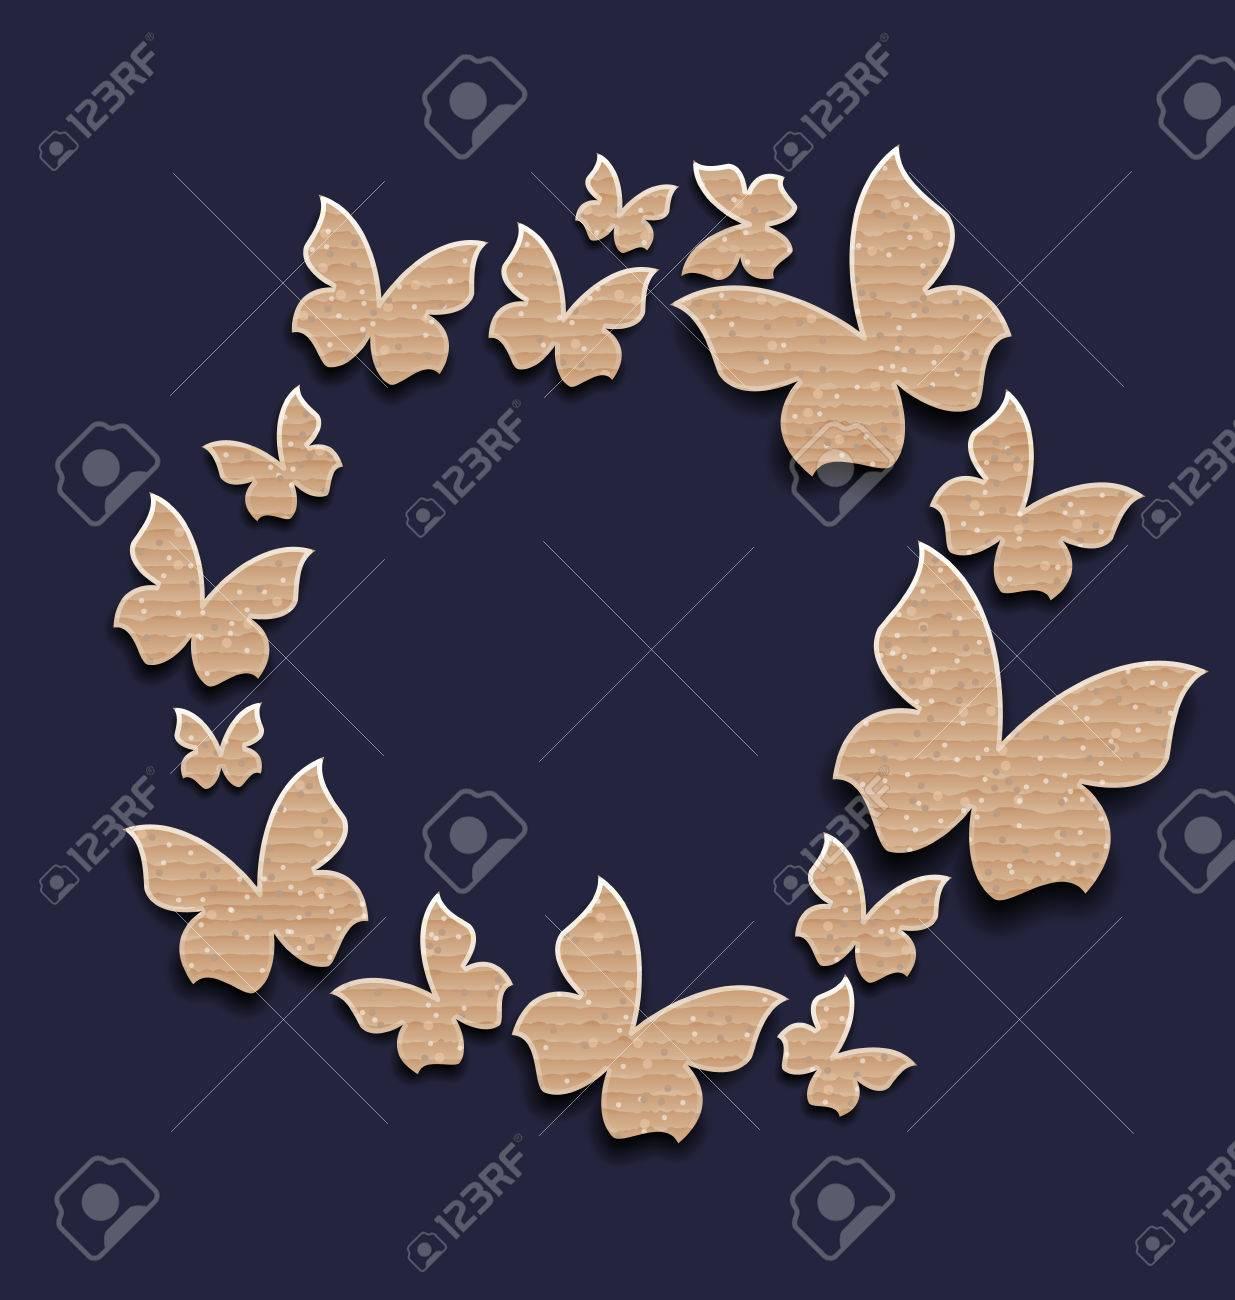 Ilustración Del Marco Del Círculo Con Las Mariposas Hechas En Cartón ...